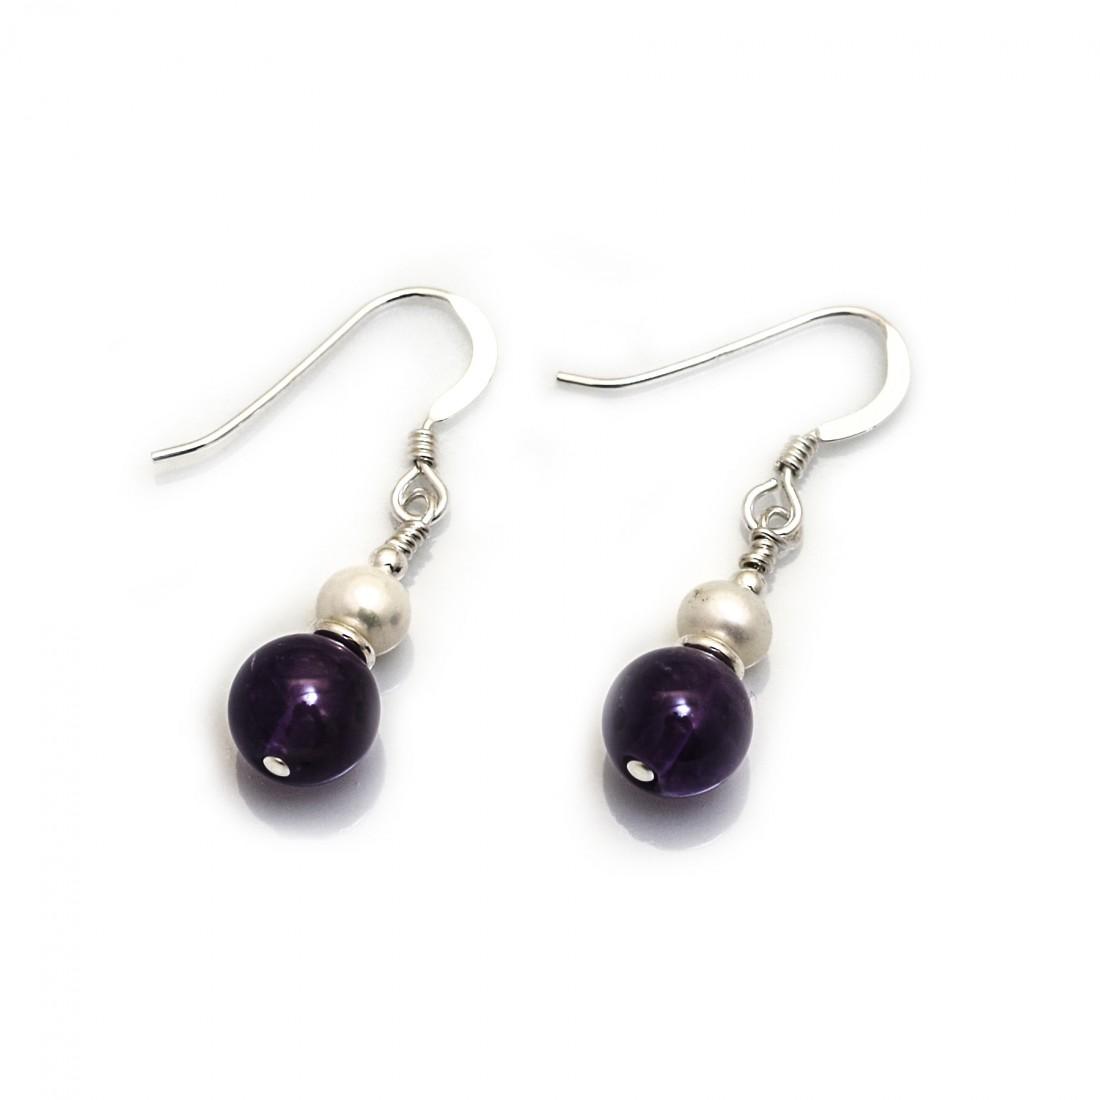 Hiho Handmade - Amethyst & Freshwater Pearl Dangly Earrings